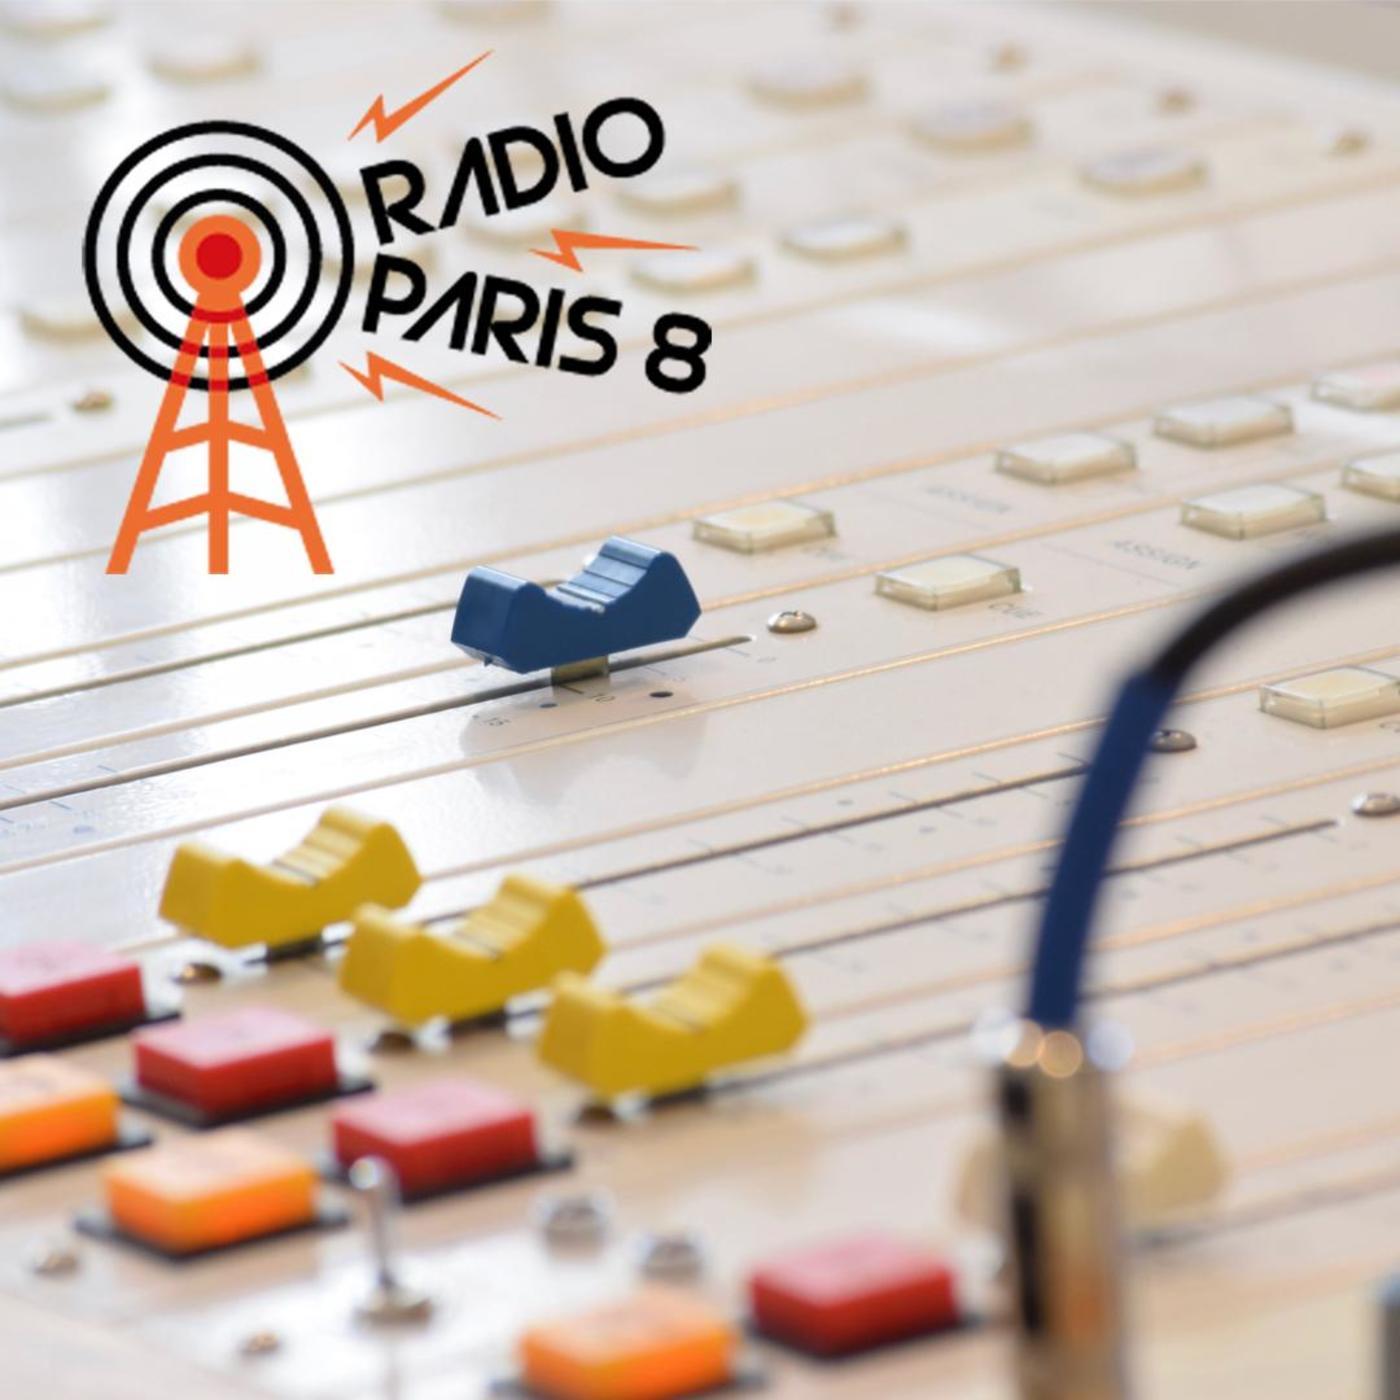 Radio Paris 8